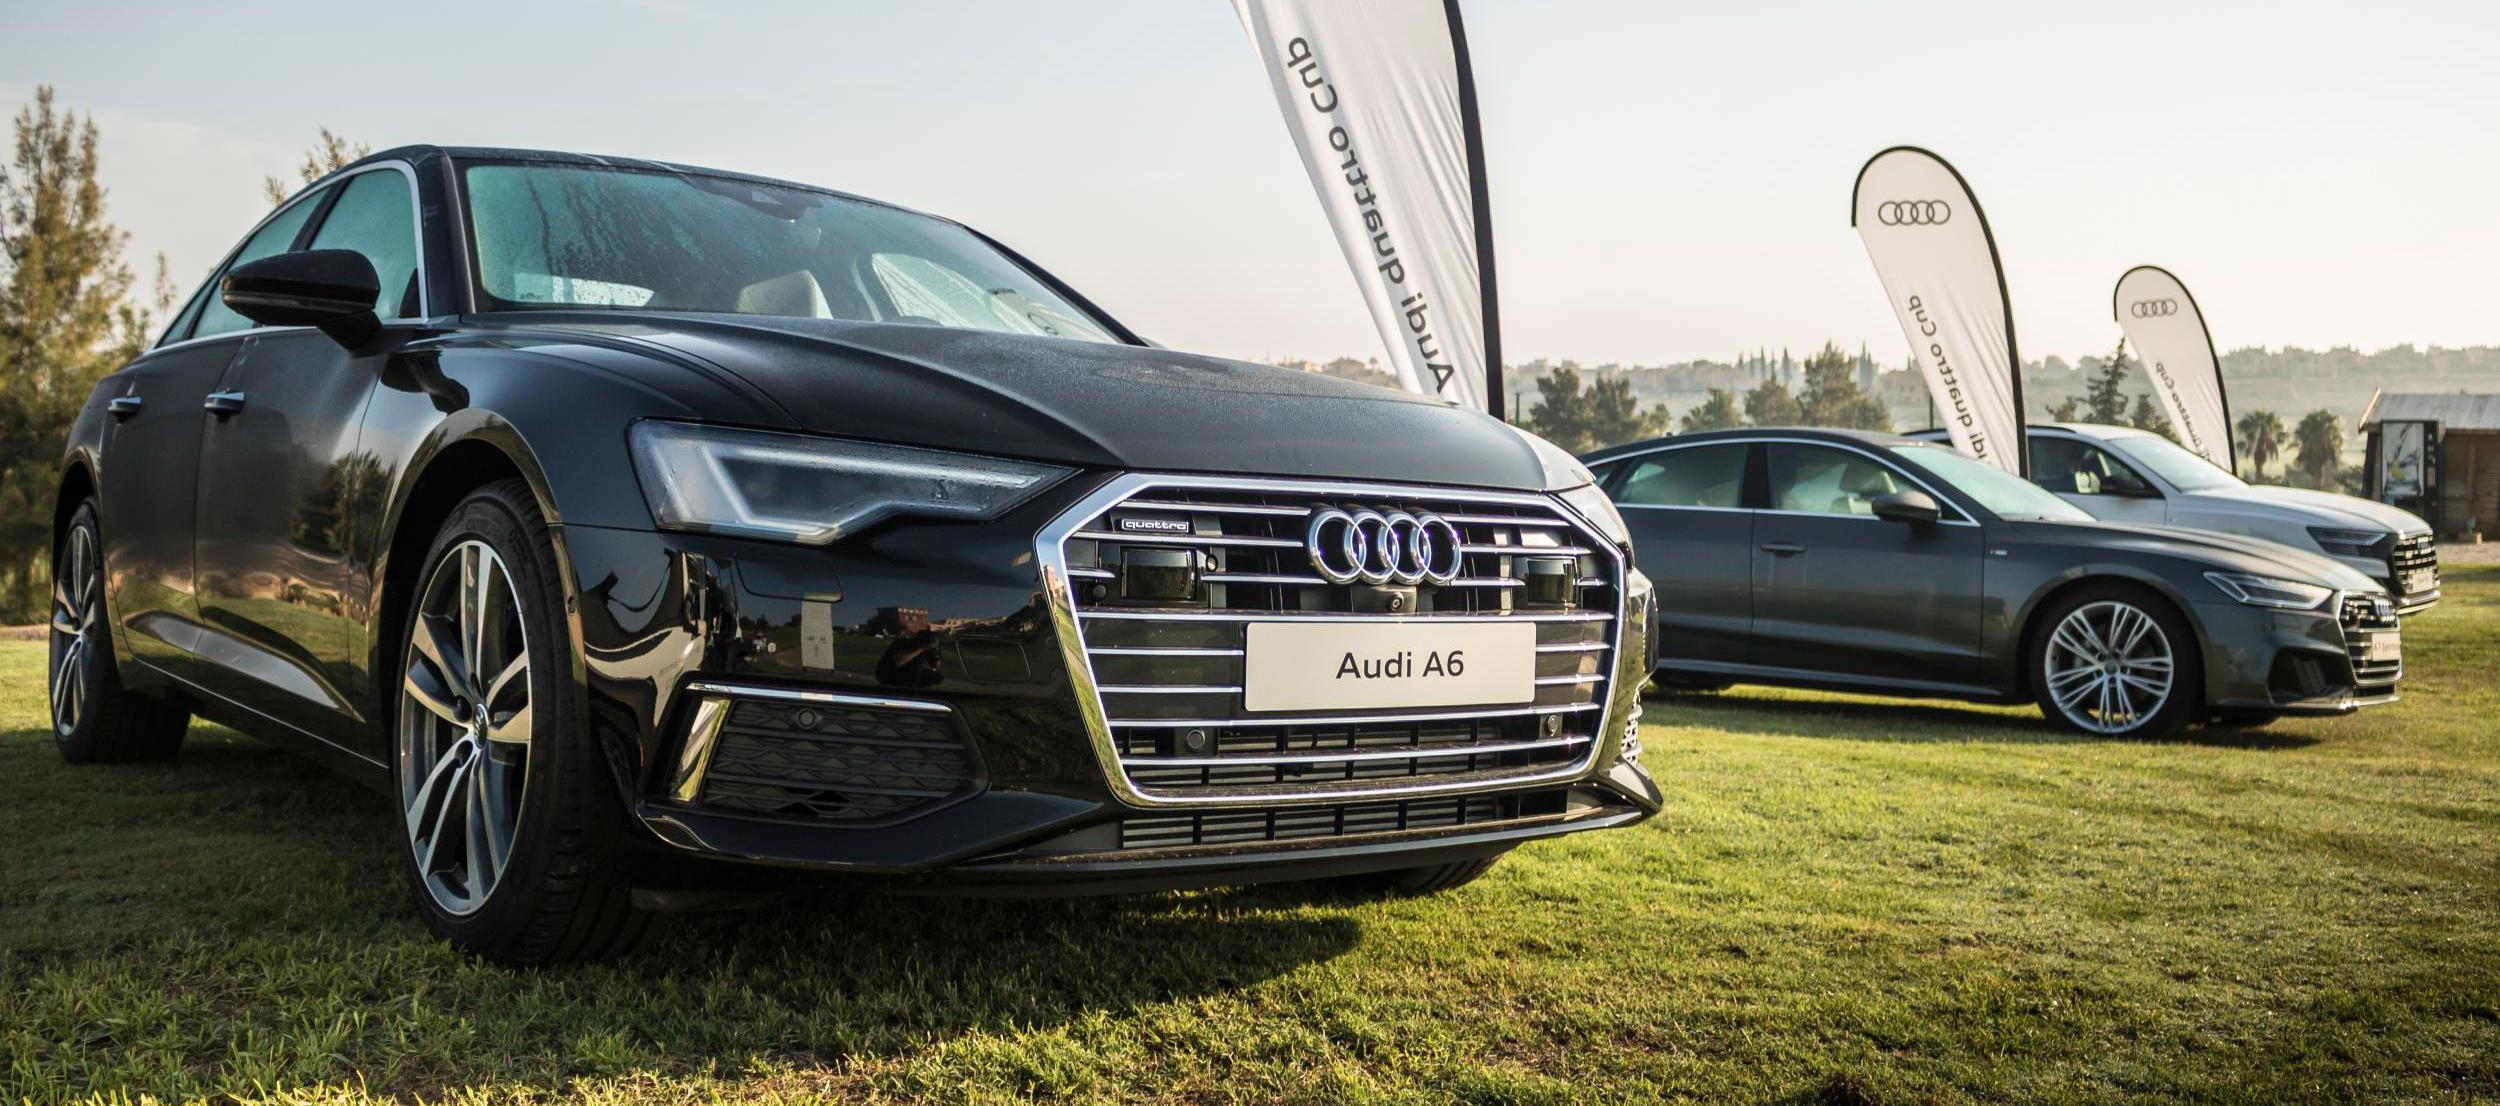 Audi Quattro Cup se presenta con novedades este 2019